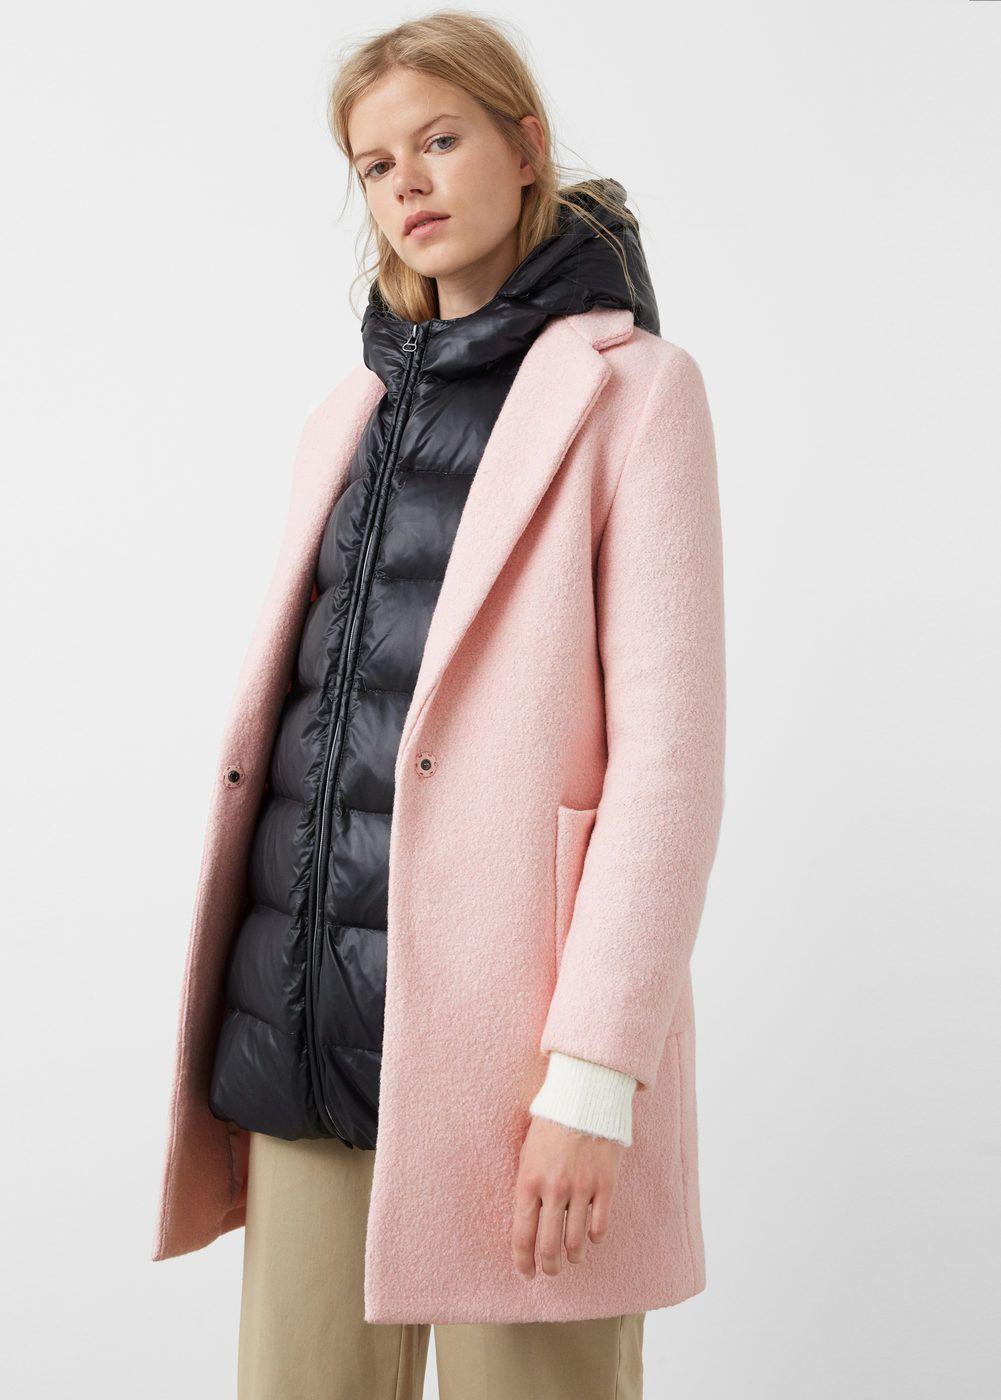 Bolsillos 2019 En Lana Abrigo Para Mujer Mi Abrigos I85wnq